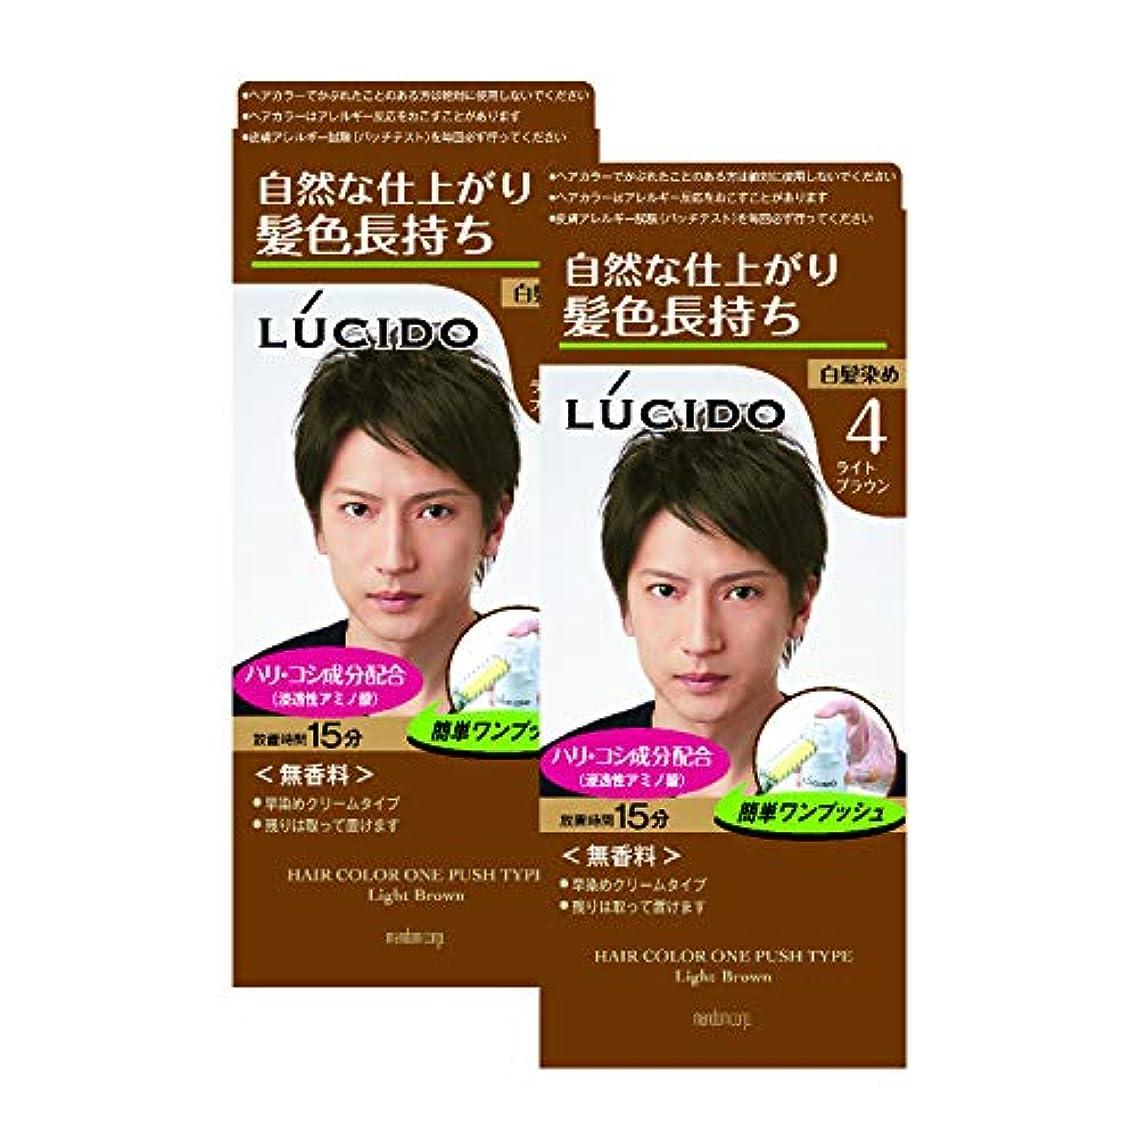 彼女楽観的先史時代のLUCIDO(ルシード) ルシード ワンプッシュケアカラー ライトブラウン (医薬部外品) 白髪染め 2個パック